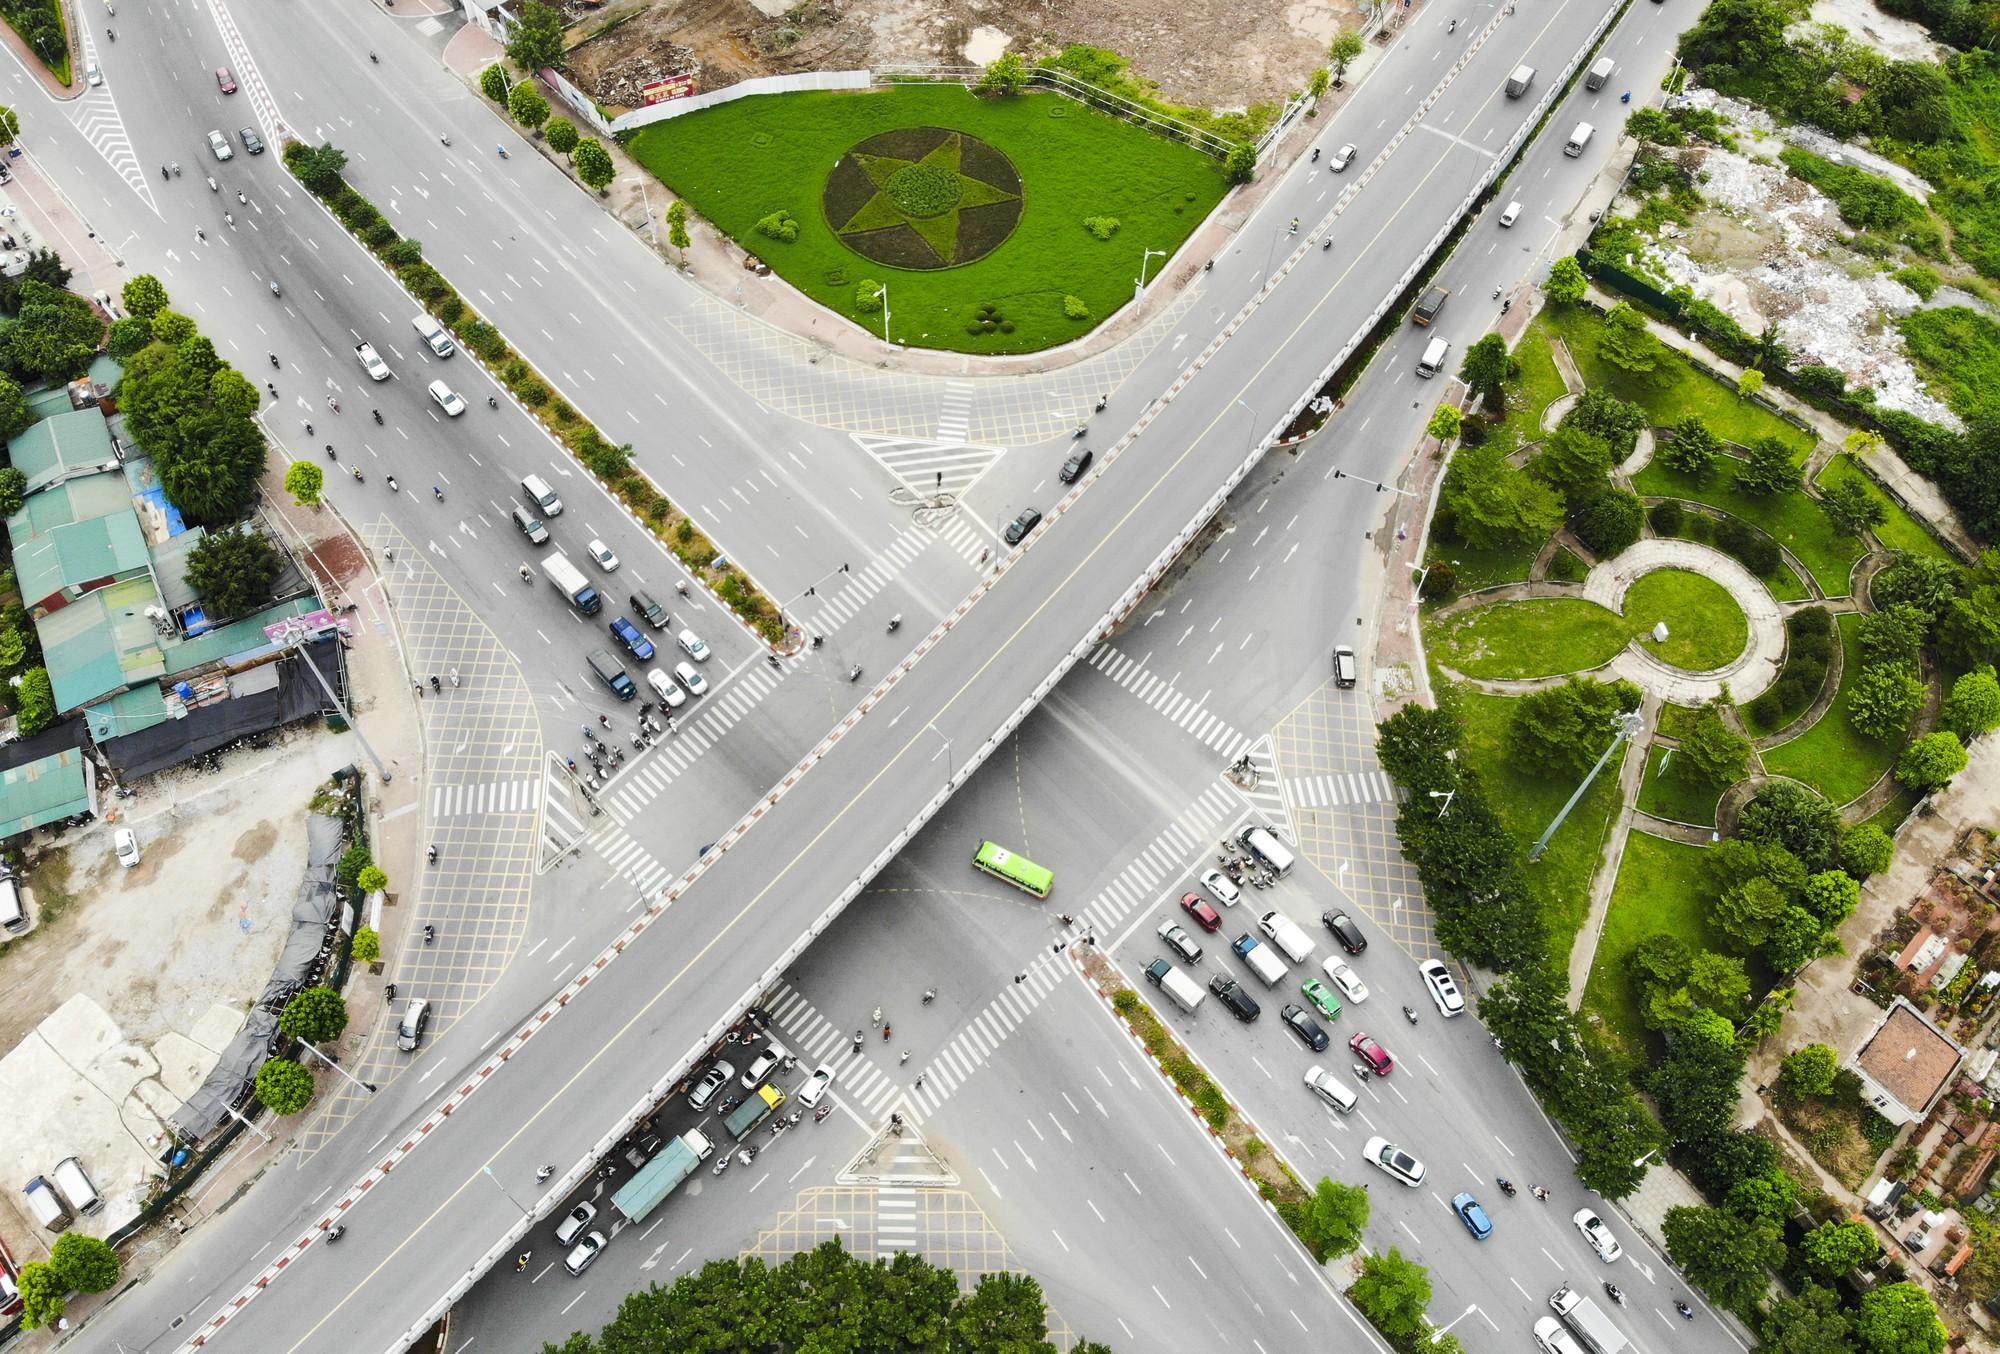 Những giao lộ khổng lồ thay đổi diện mạo cửa ngõ Thủ đô - Ảnh 14.